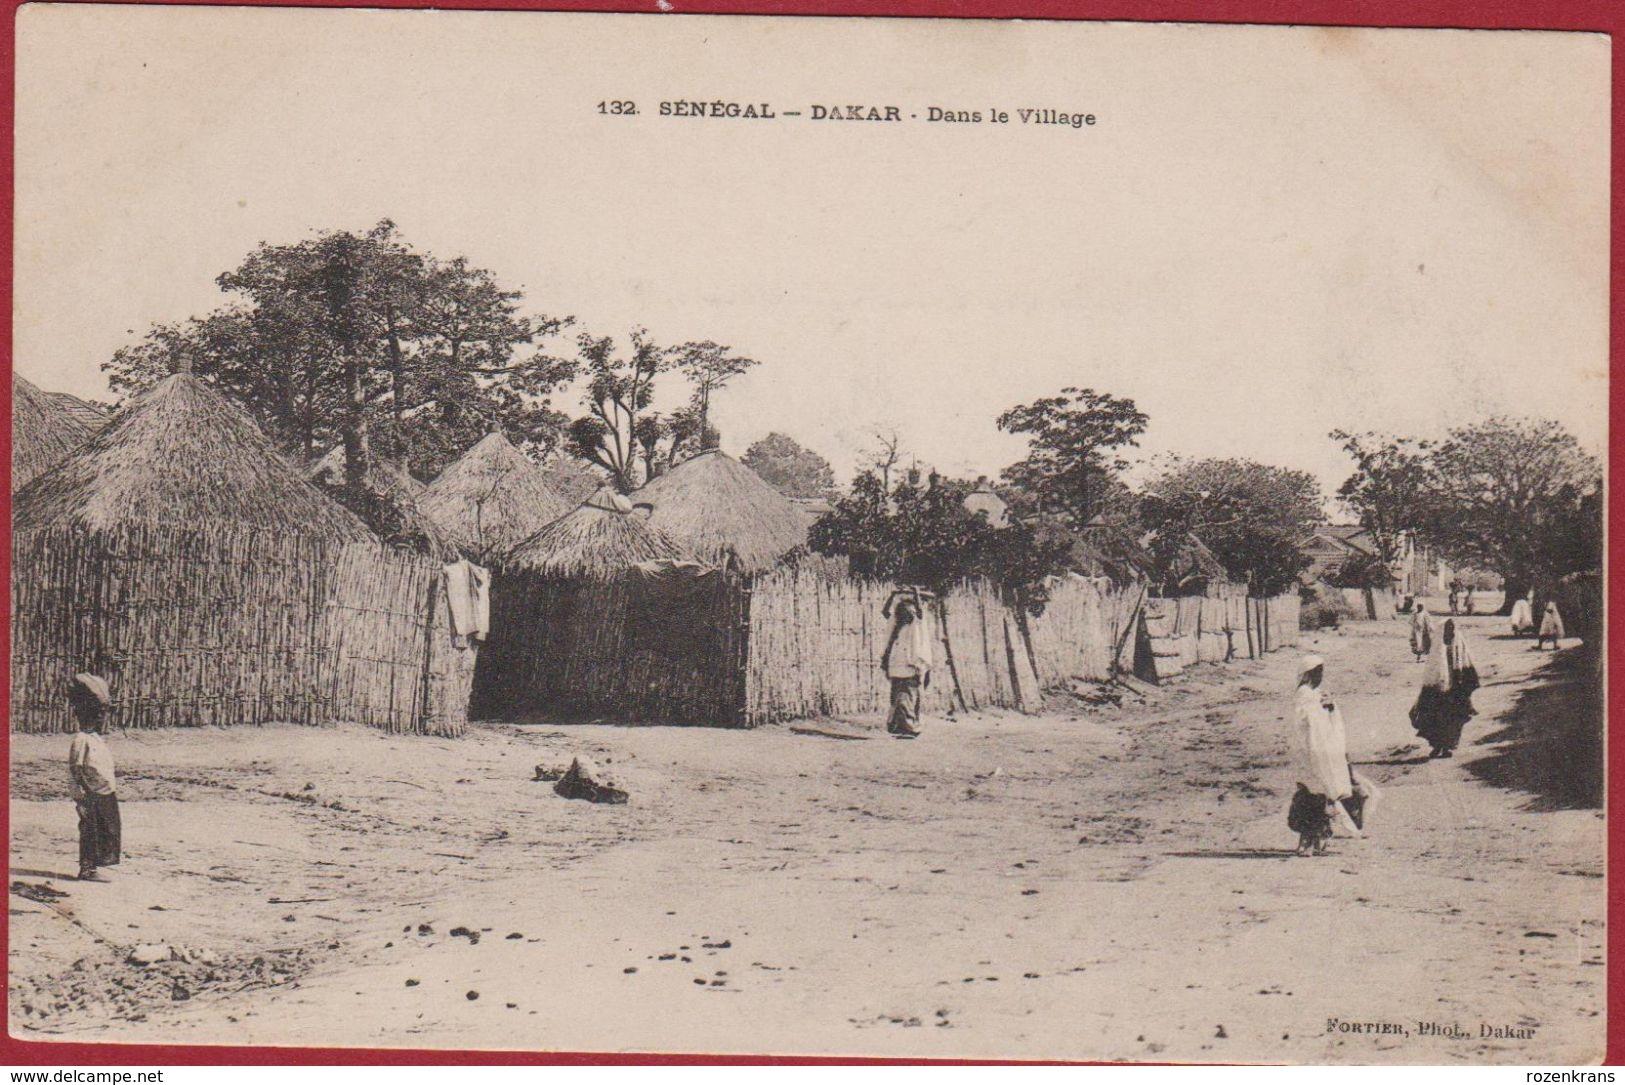 SENEGAL Dakar Dans Le Village Edit. Fortier Photo - Afrika Afrique Occidentale West Africa - Sénégal